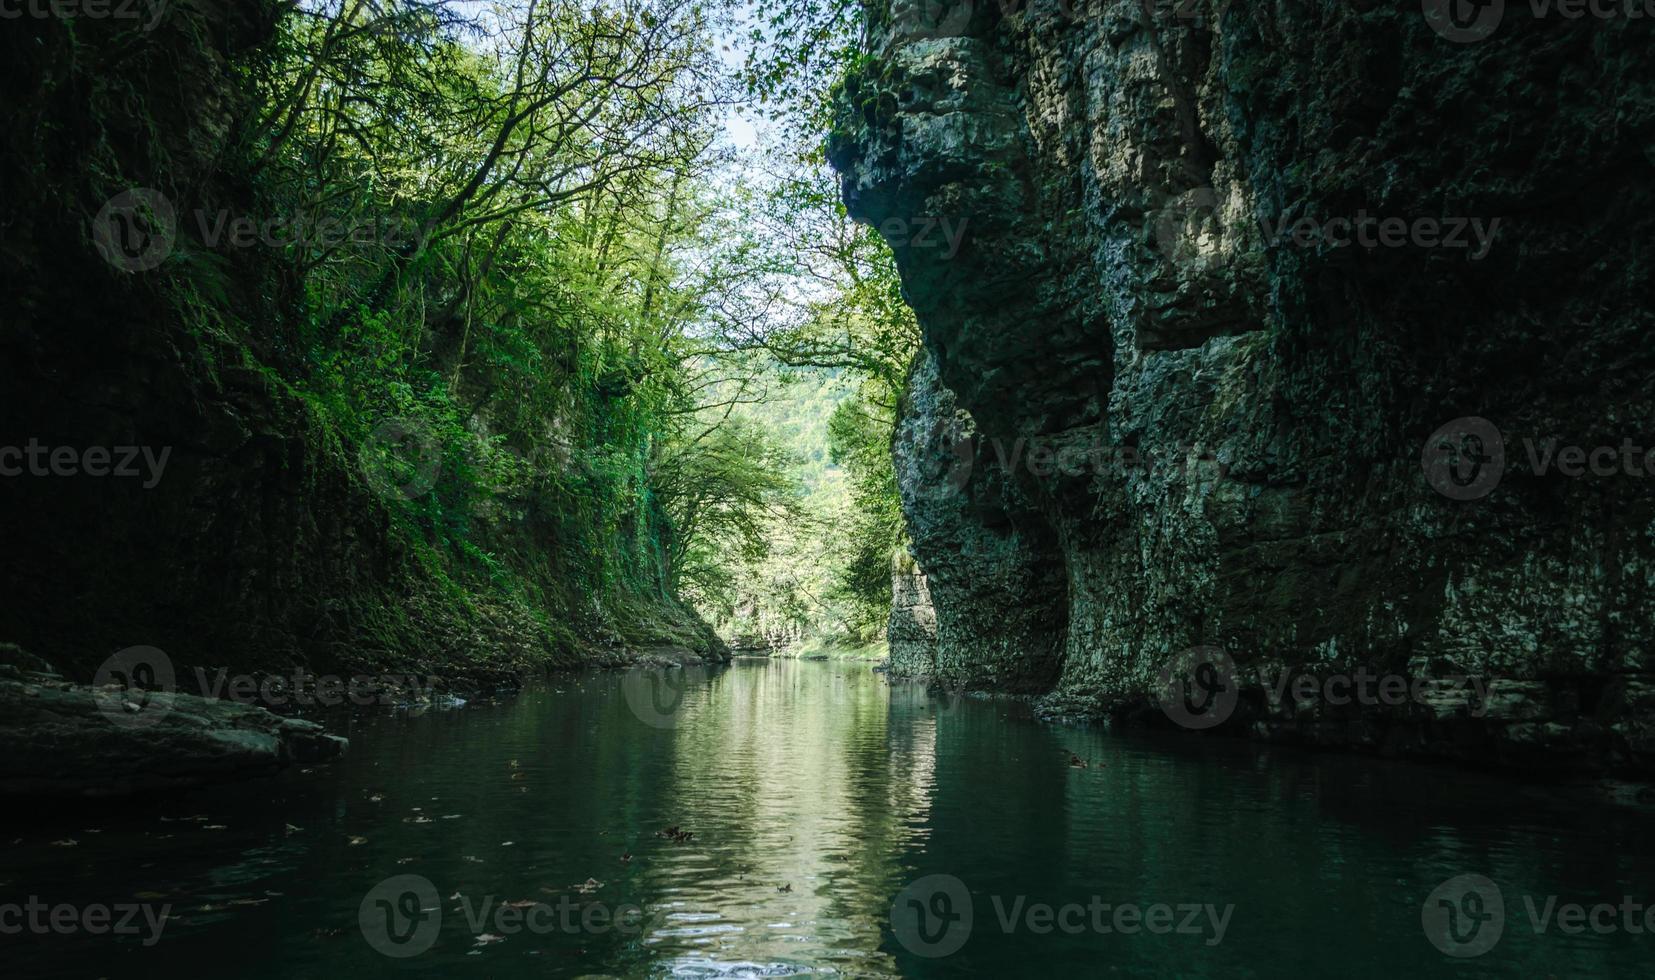 arroyo en un bosque oscuro foto